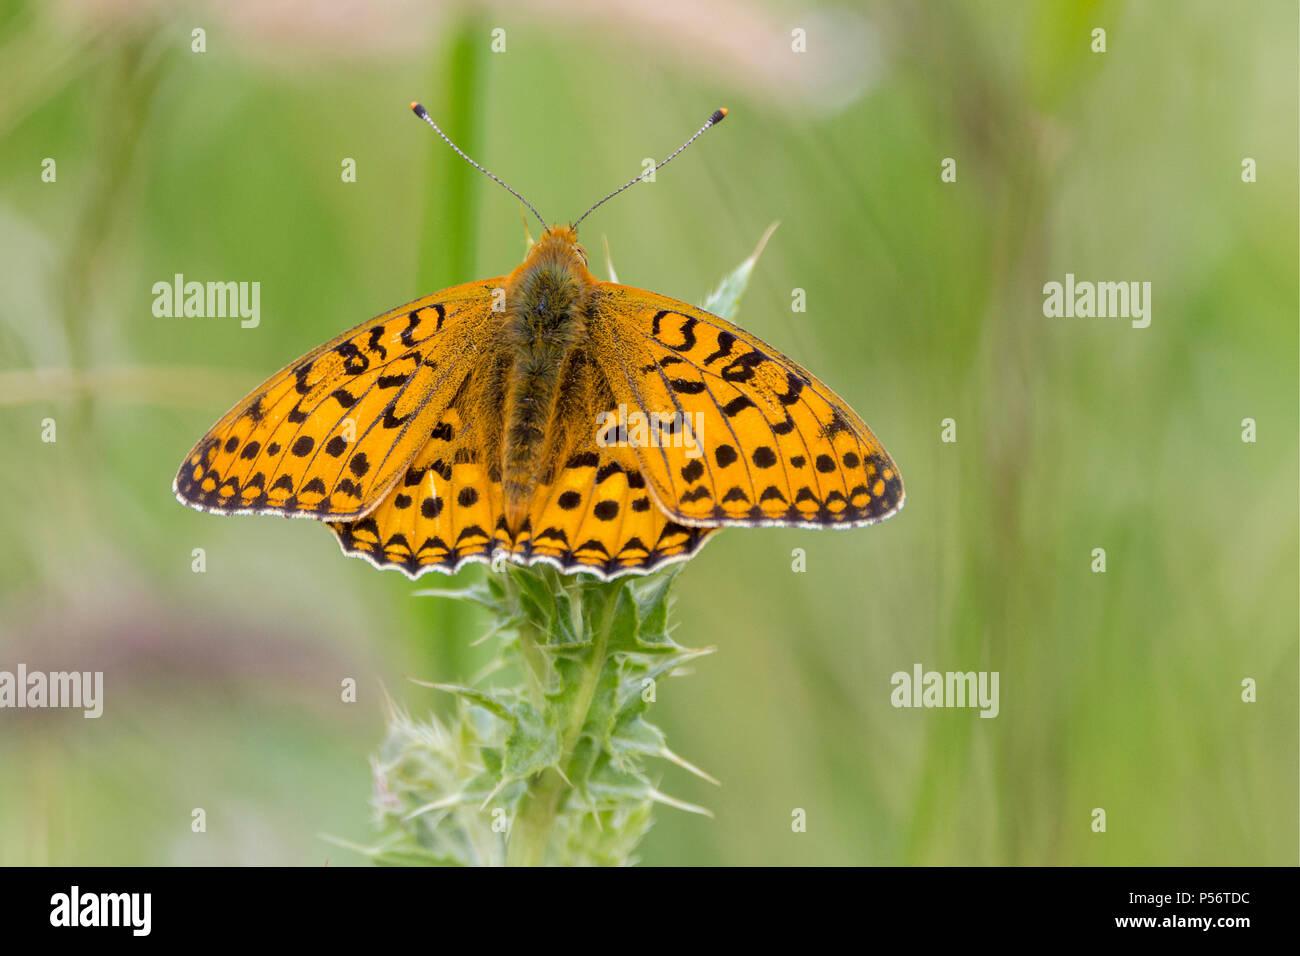 Alta brown fritillary butterfly nel prato erboso su South Downs way UK. Scarse e le specie in via di estinzione. Arancione ali superiore con marcature nere. Immagini Stock